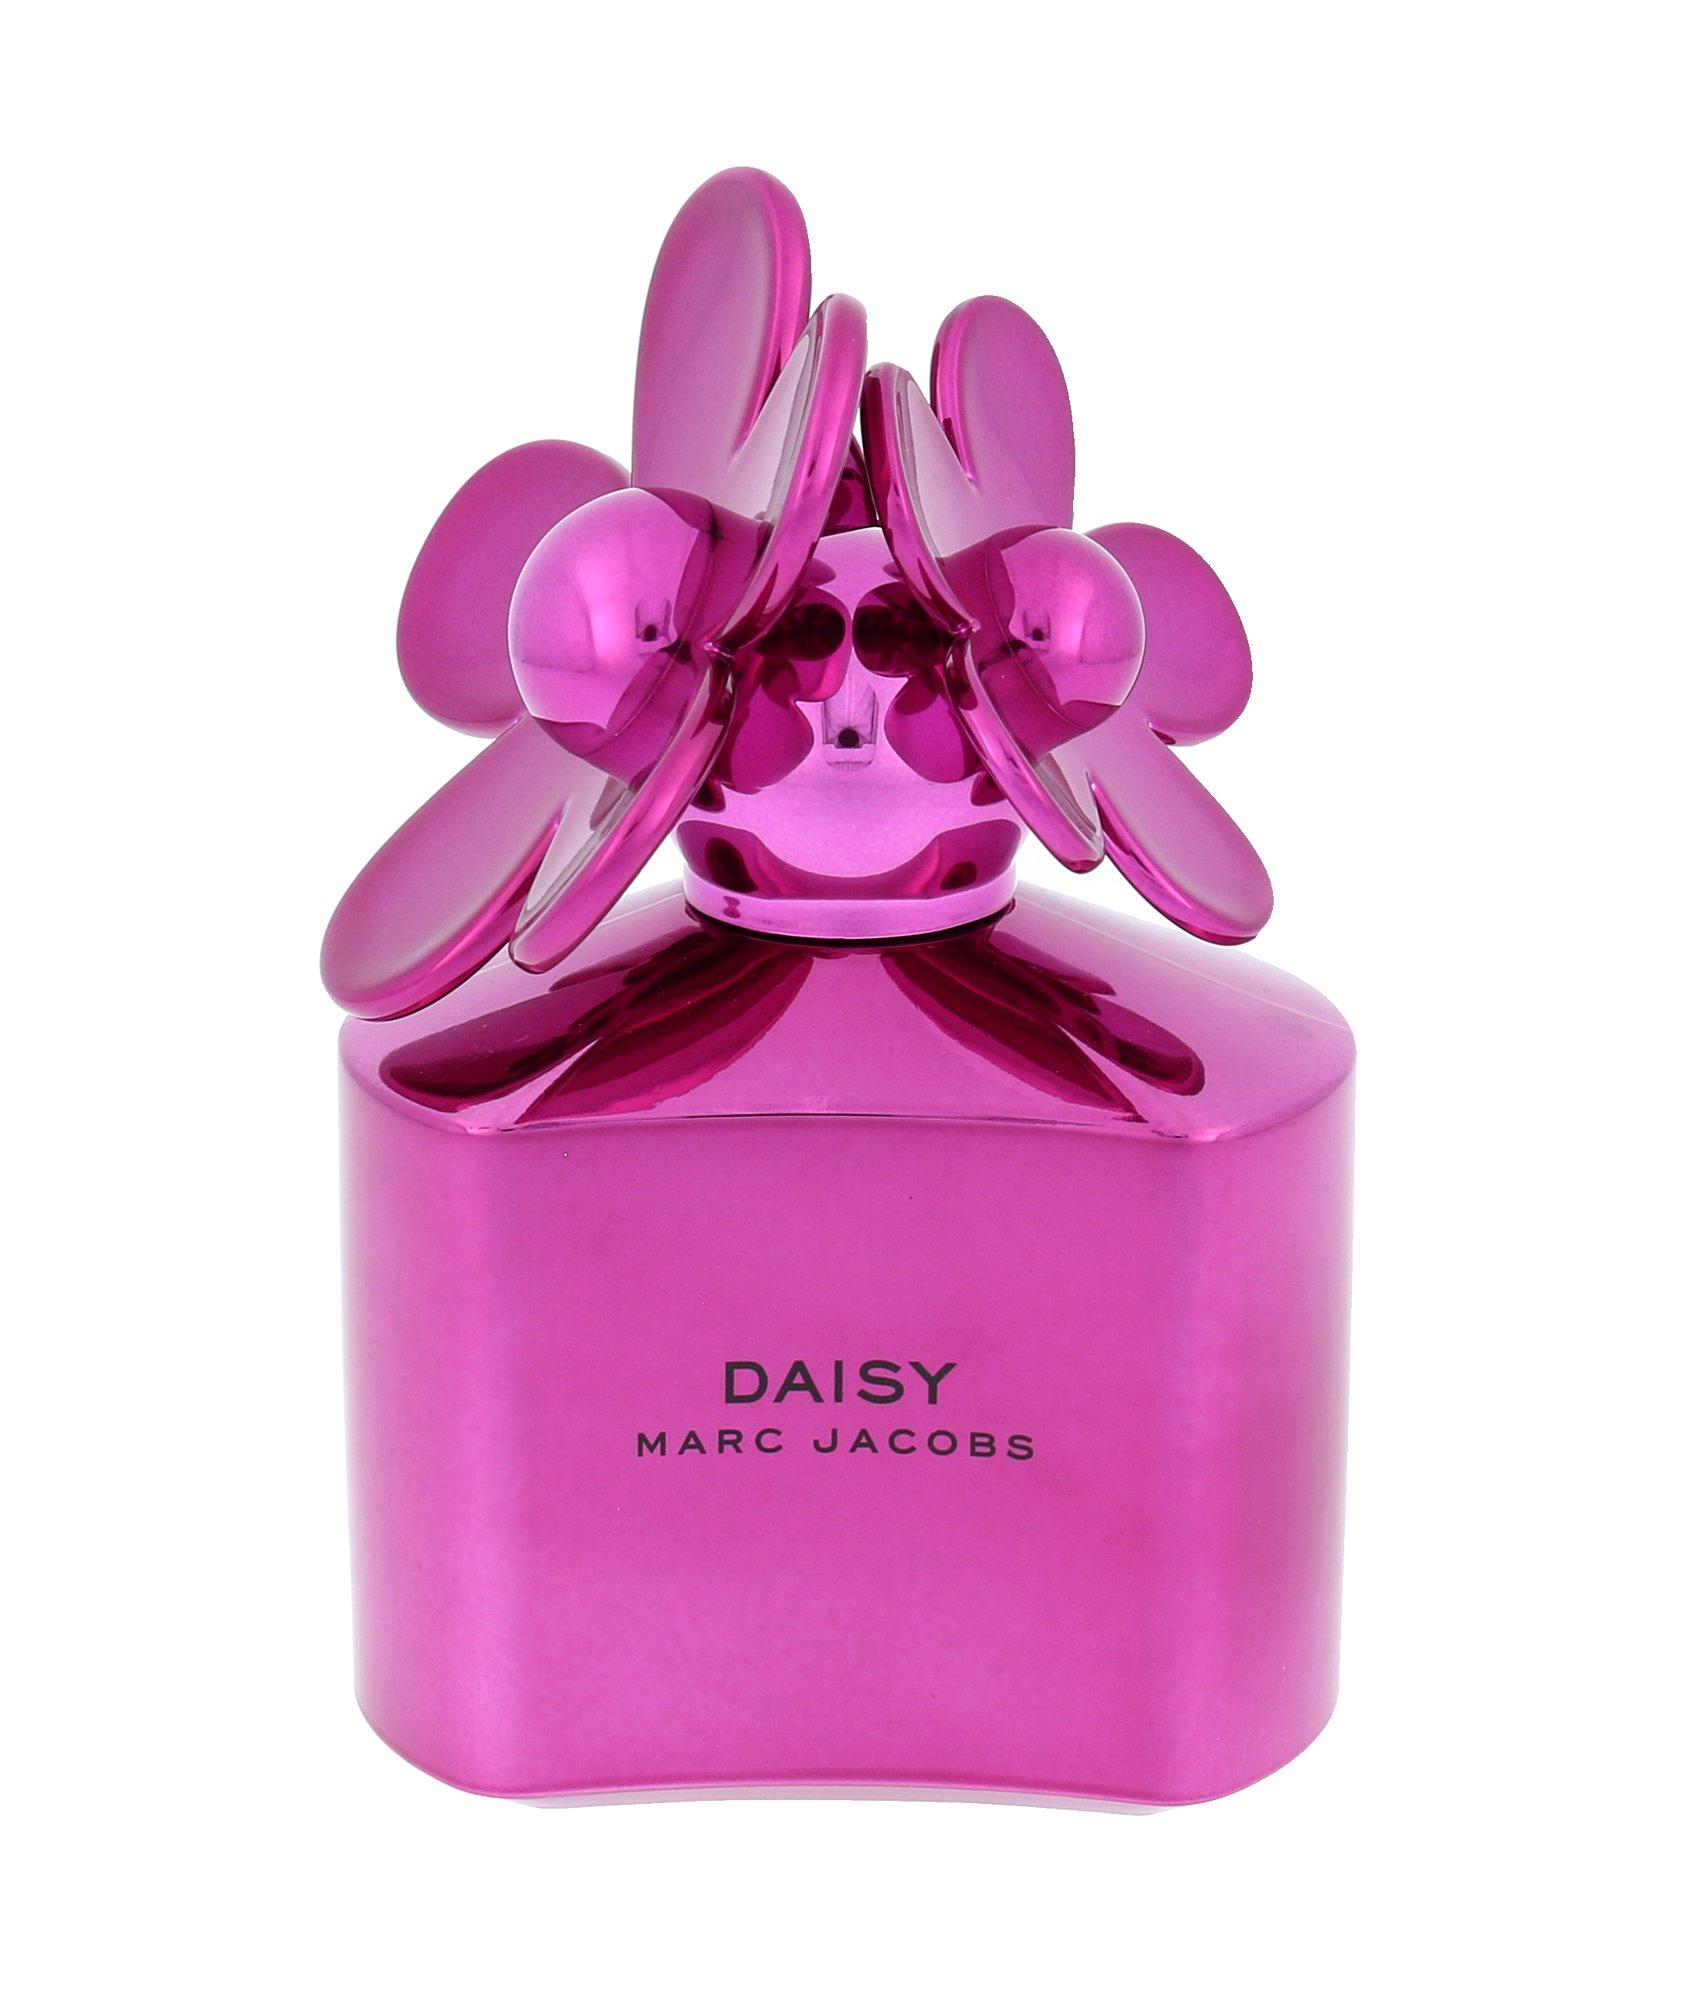 Marc Jacobs Daisy Shine Pink Edition, Odstrek s rozprašovačom 3ml